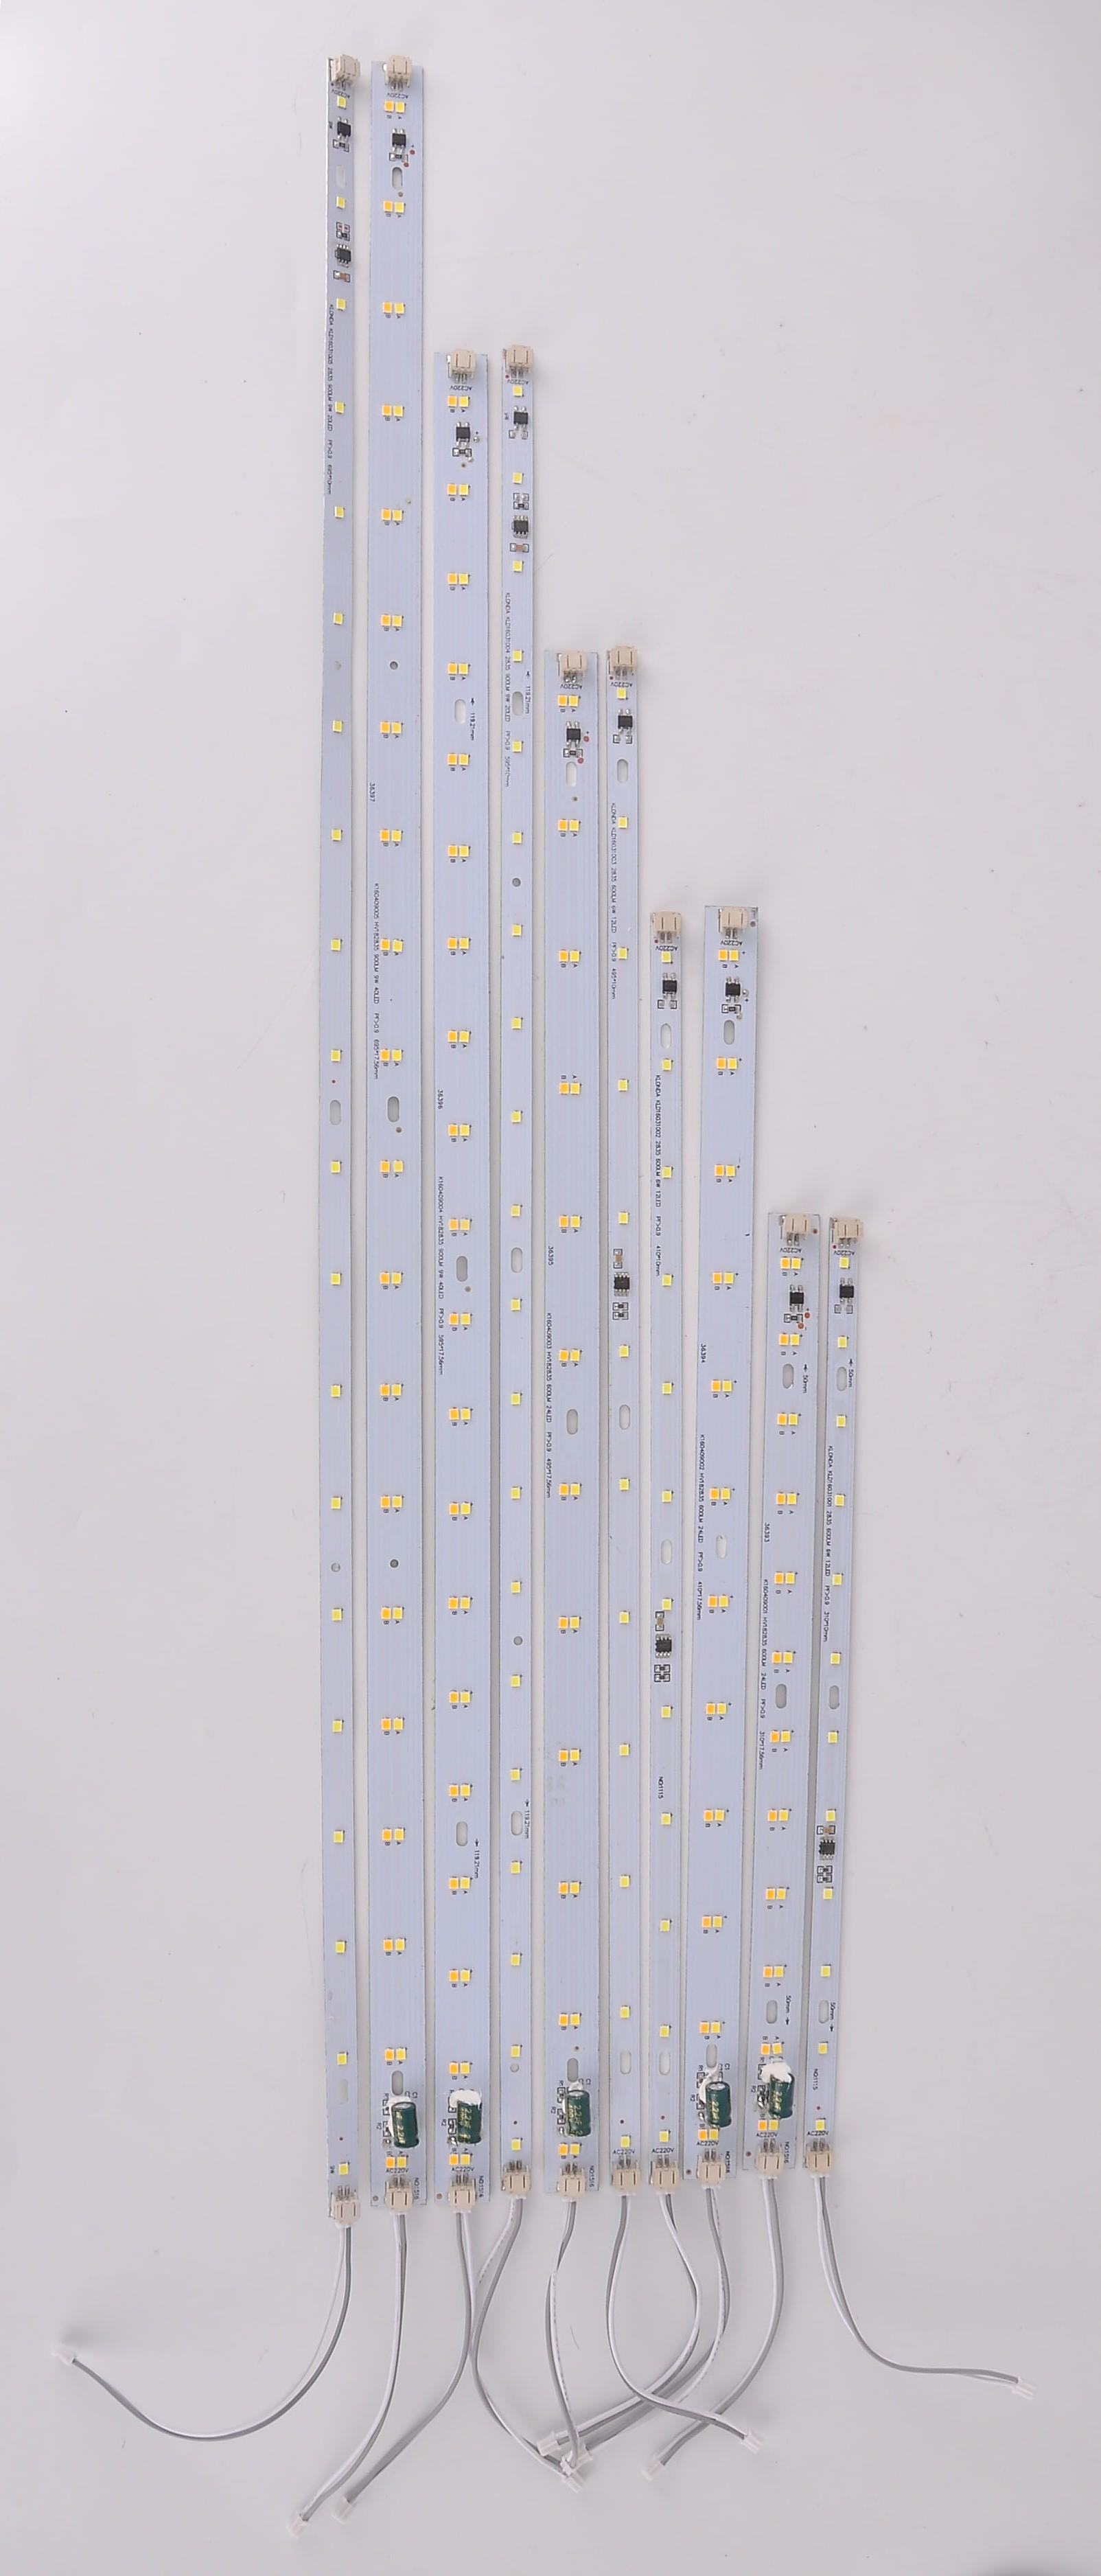 双色免驱动PCB板